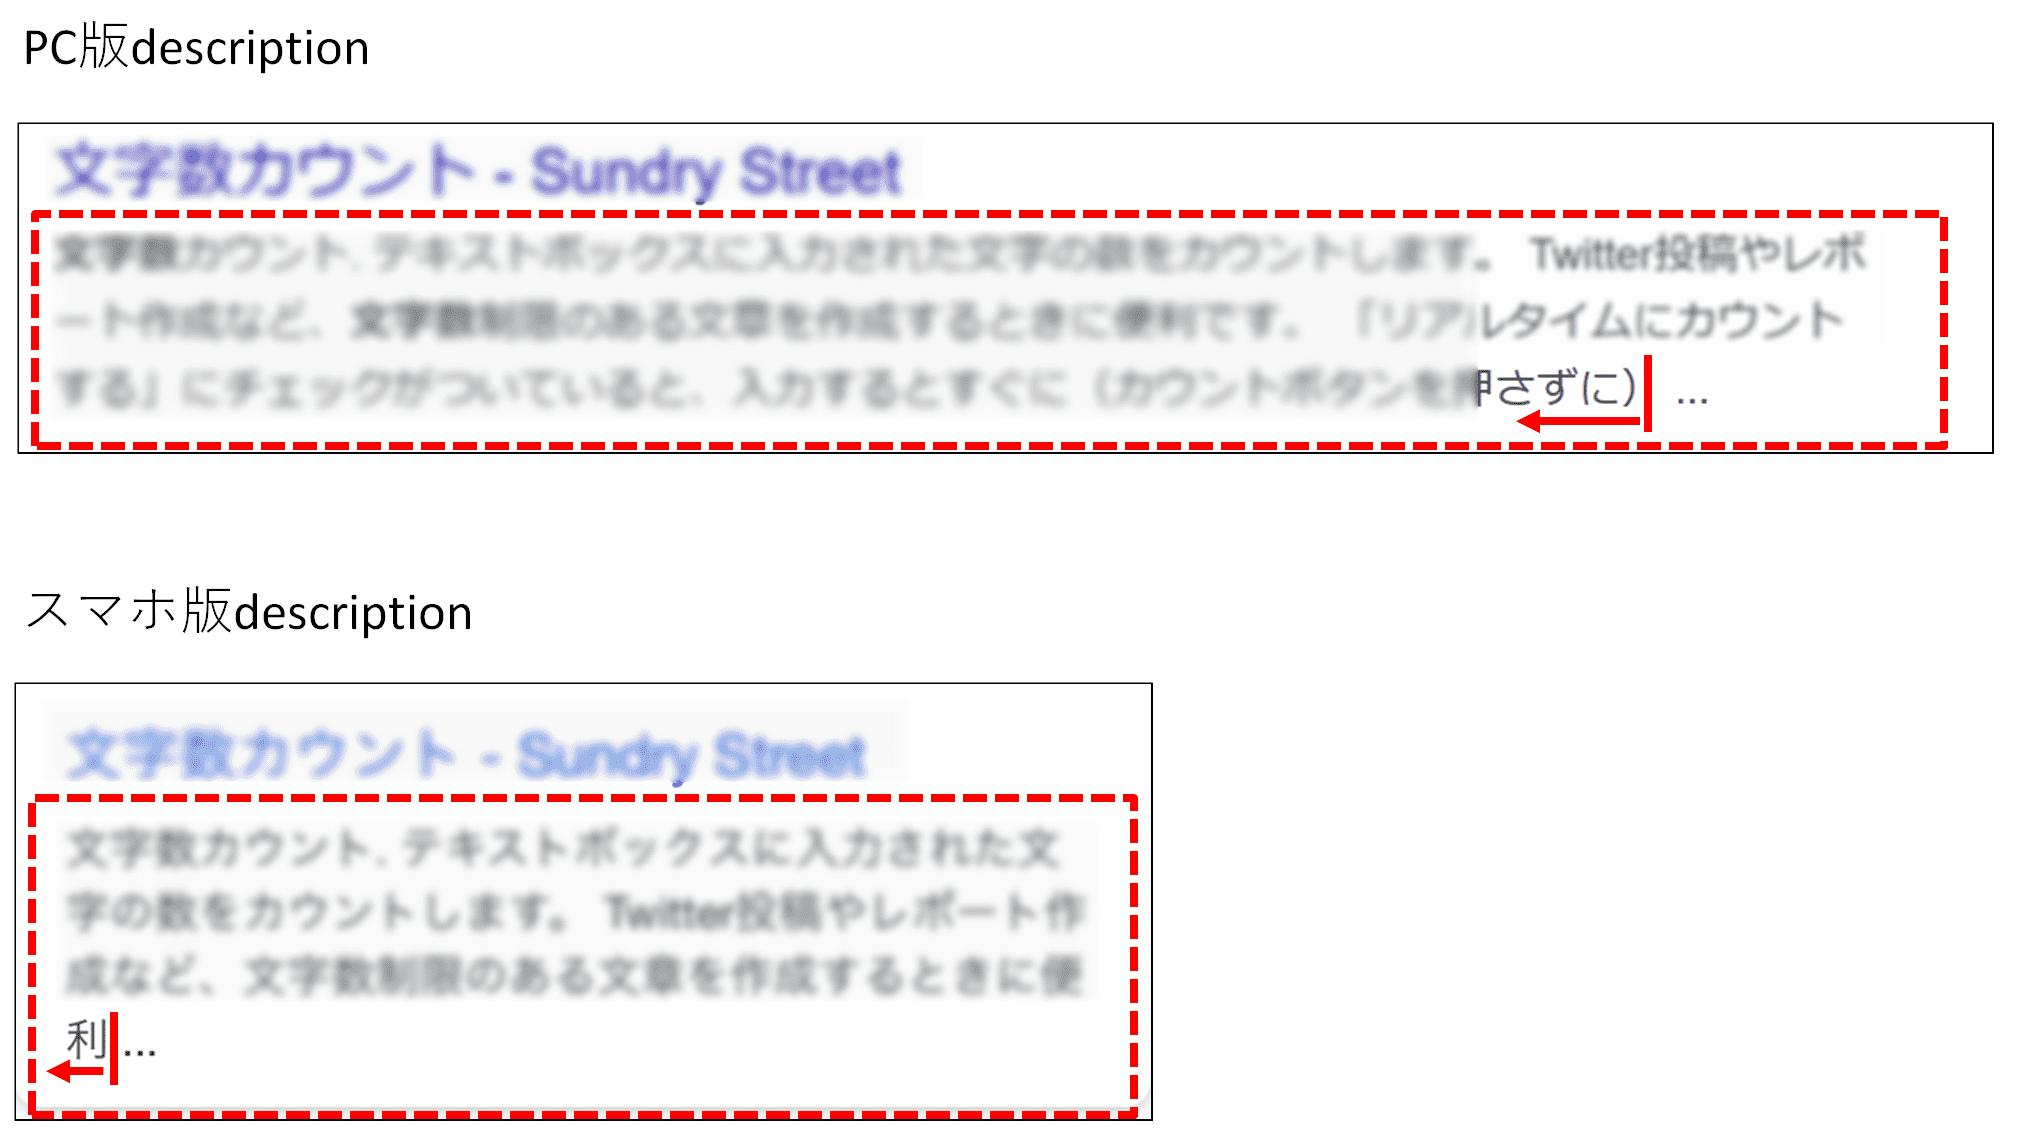 PC版とスマホ版のそれぞれのdescriptionの測定範囲